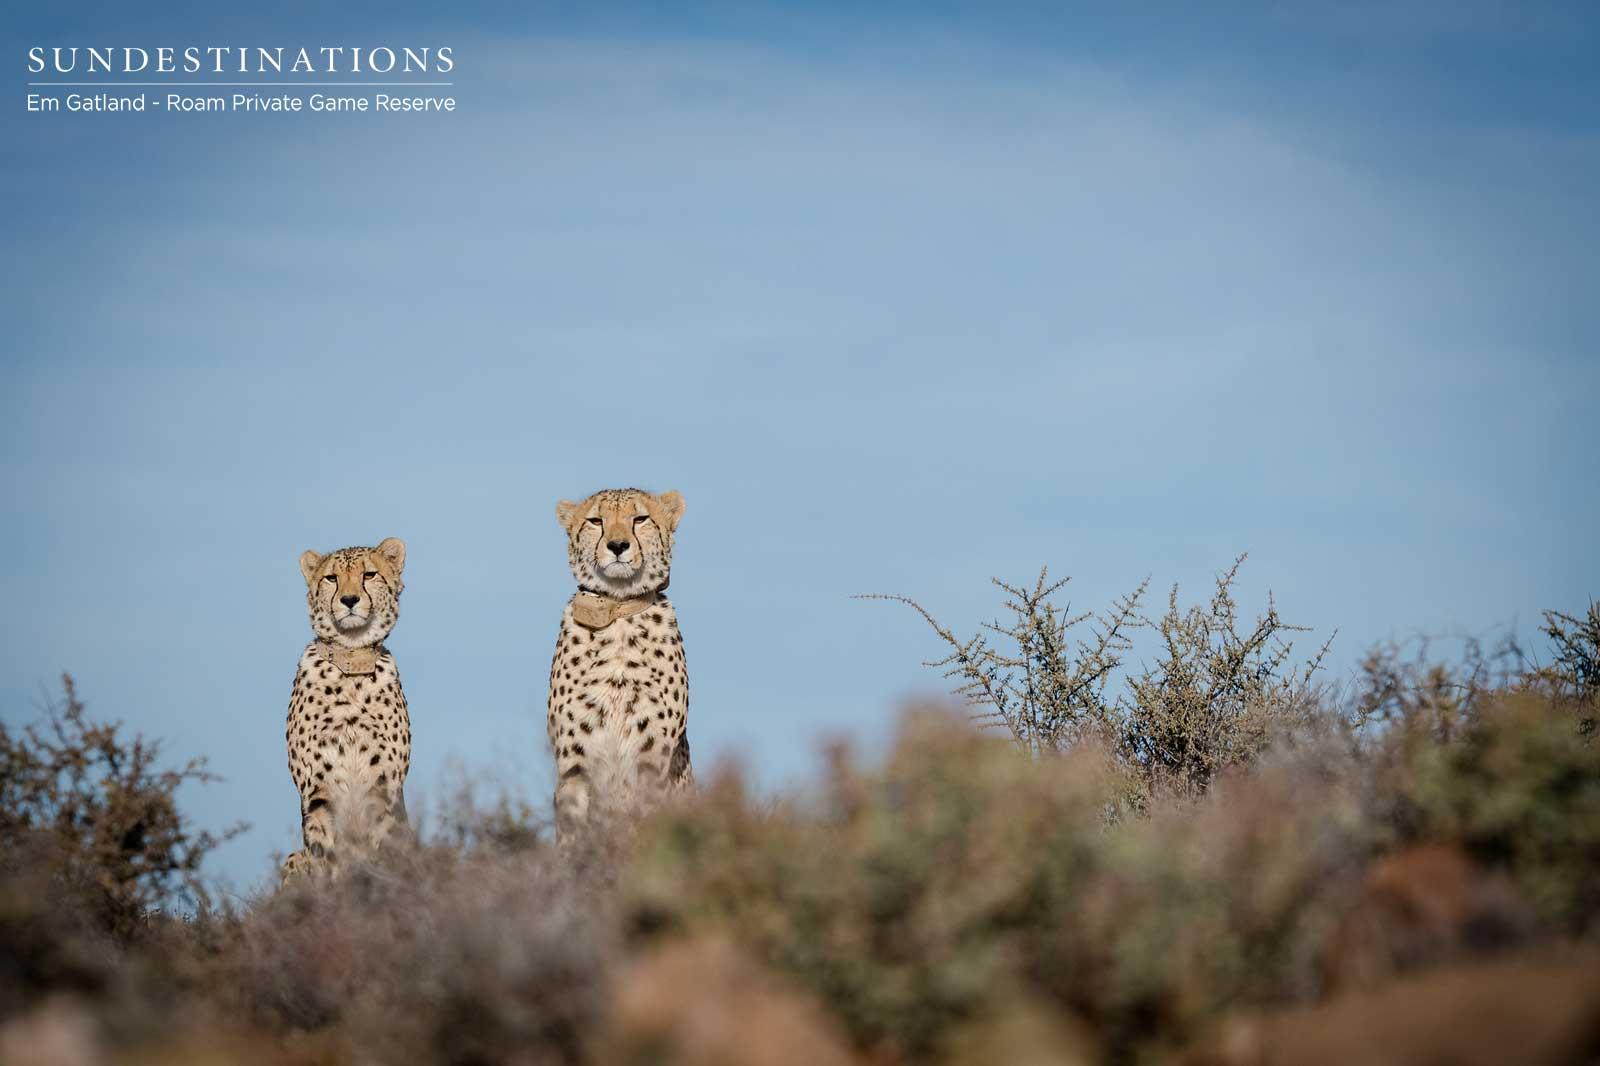 Cheetah at Roam